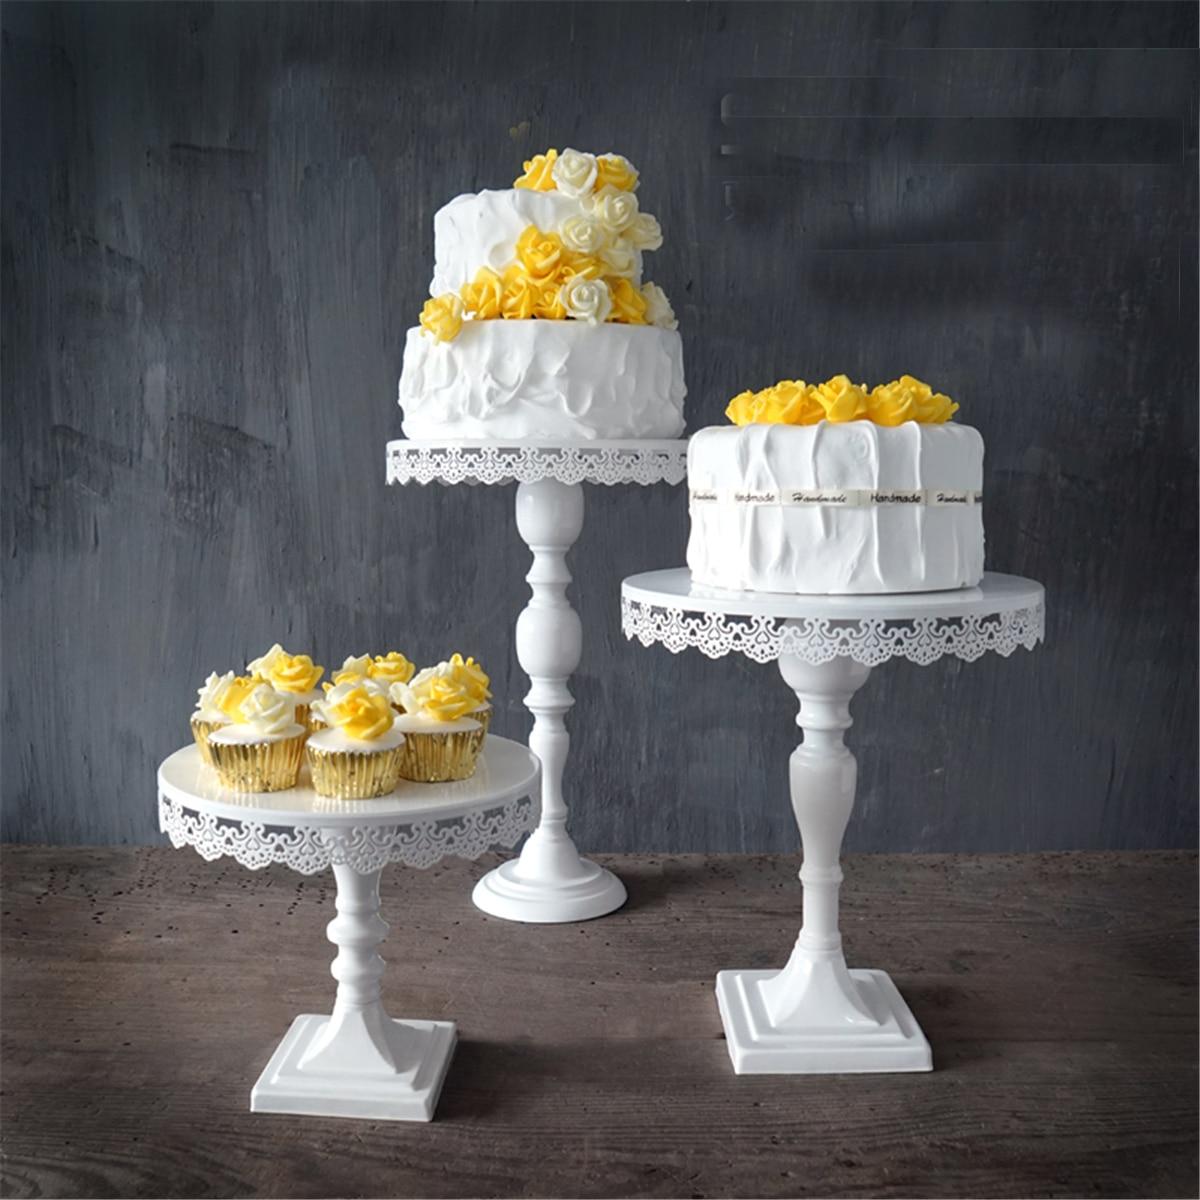 Décoration de mariage gâteau Stand avec cristaux Cupcake Dessert Stand fête d'anniversaire présentoir gâteau décoration outils blanc